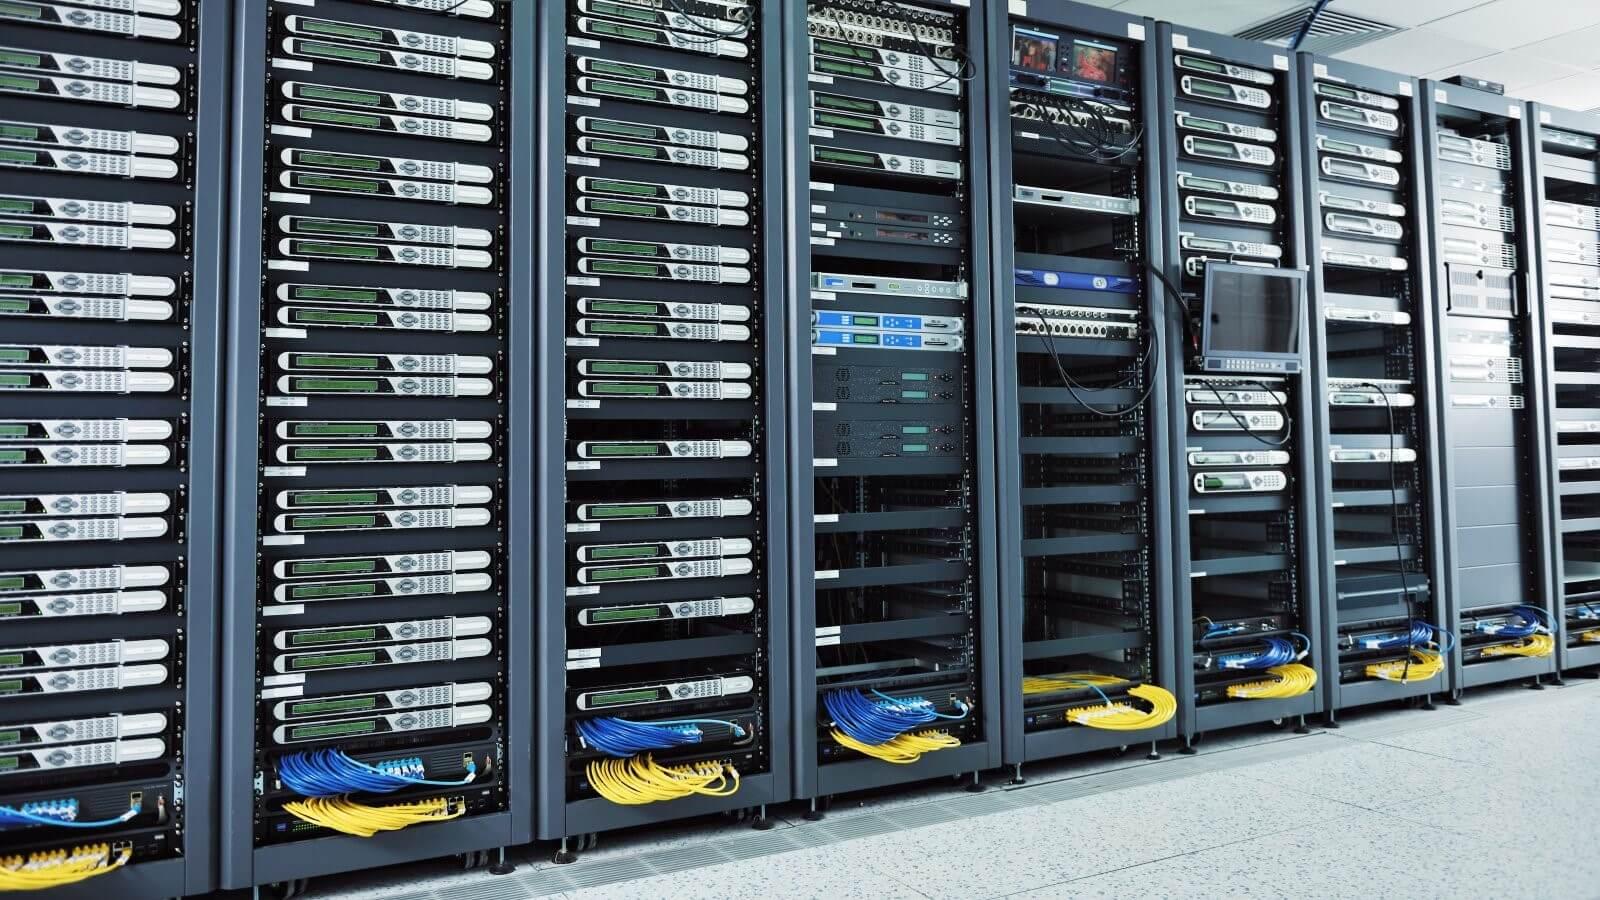 Услуги аренды выделенных серверов в Европе